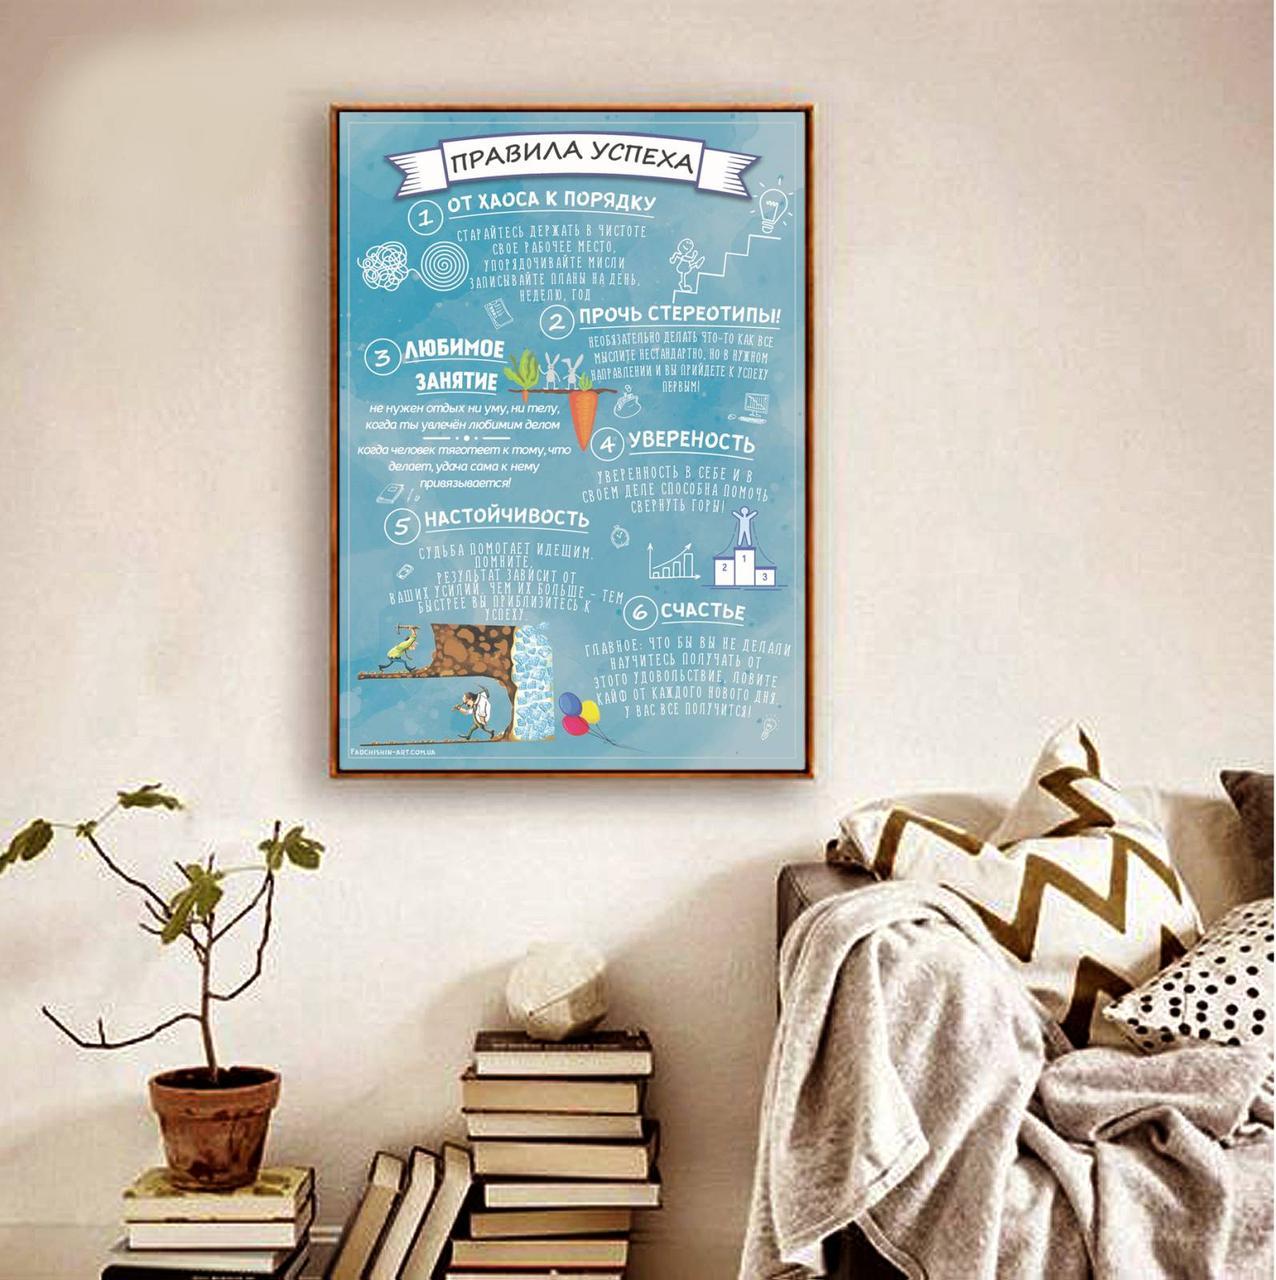 Плакат постер на стену Правила успеха мотивирующий